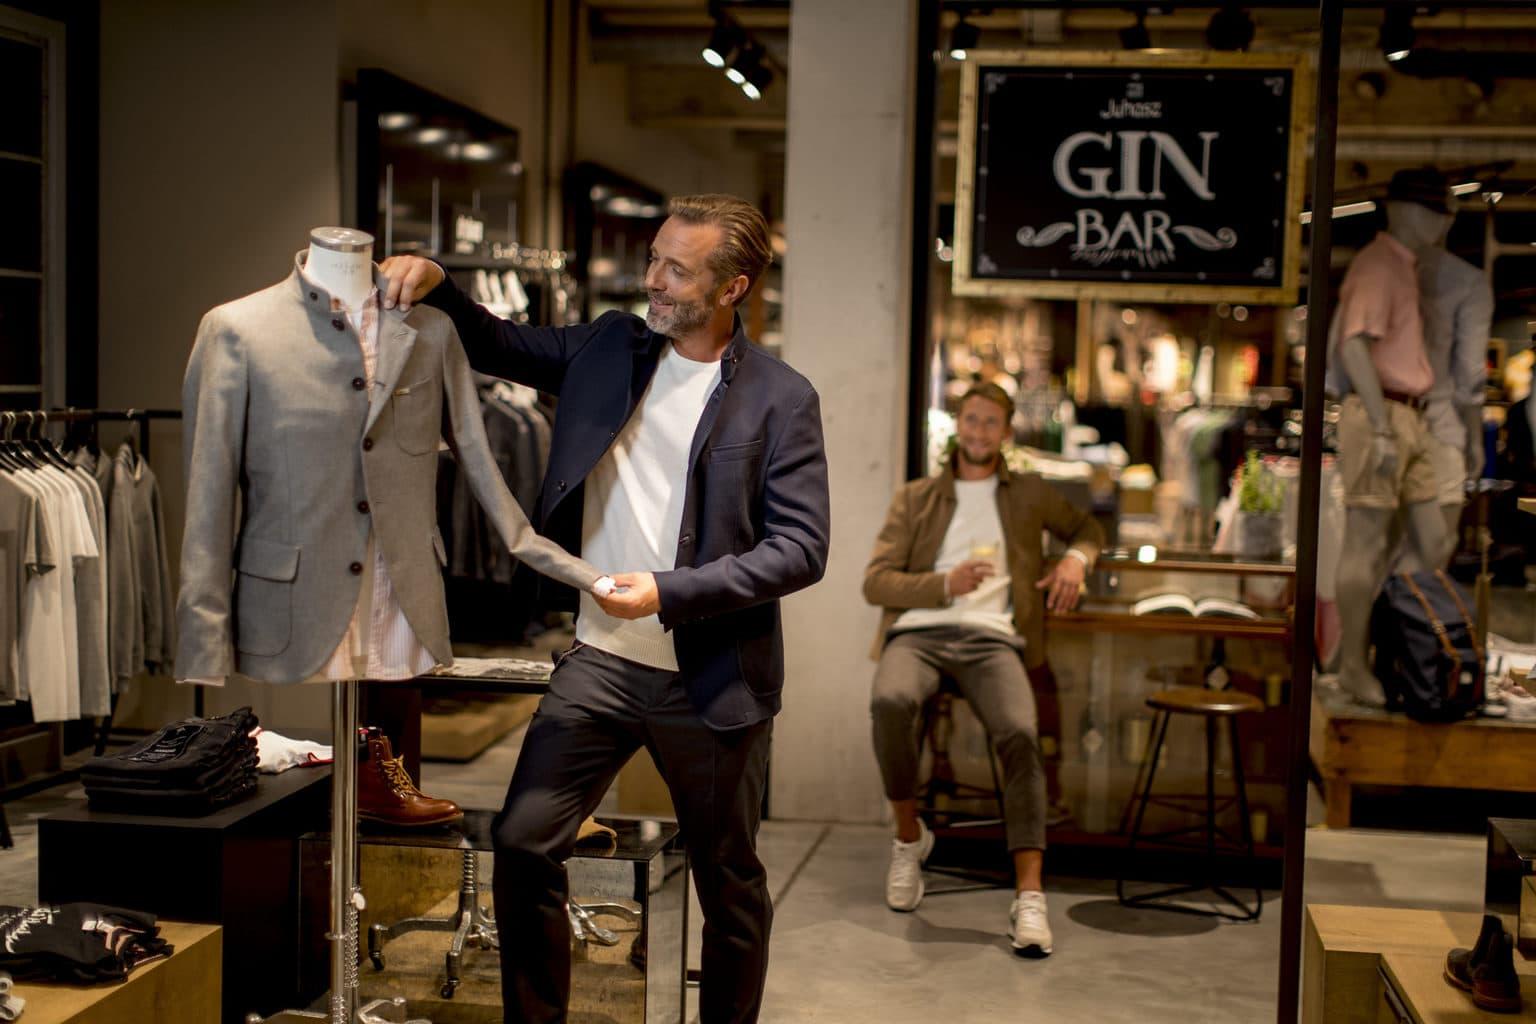 Ook winkelen behoort bij een lekkere wellness-trip voor mannen in Bad Reichenhall